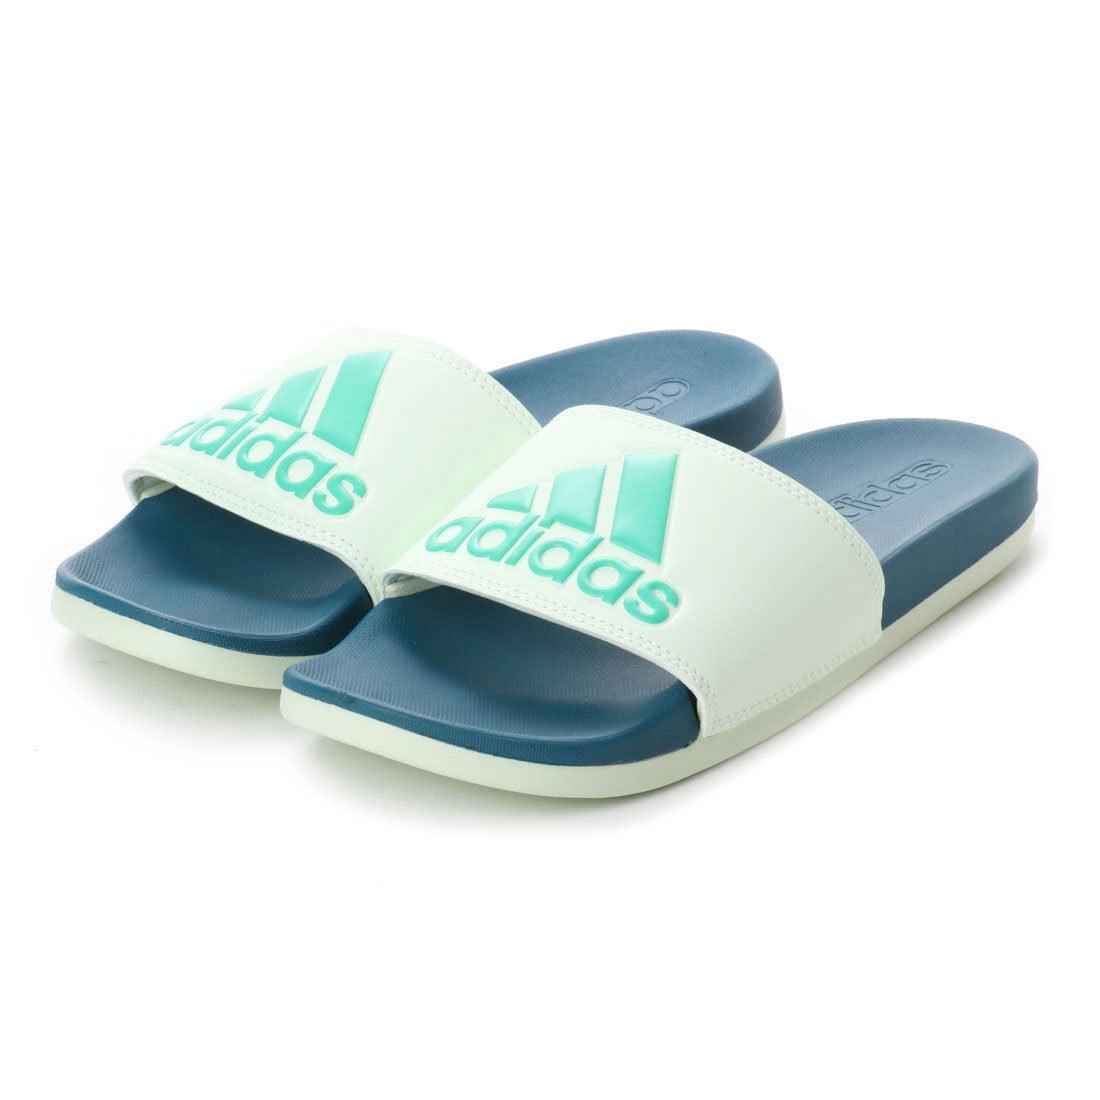 アディダス adidas レディース シャワーサンダル ADILETTECFLOGOW CG3429 609 レディース